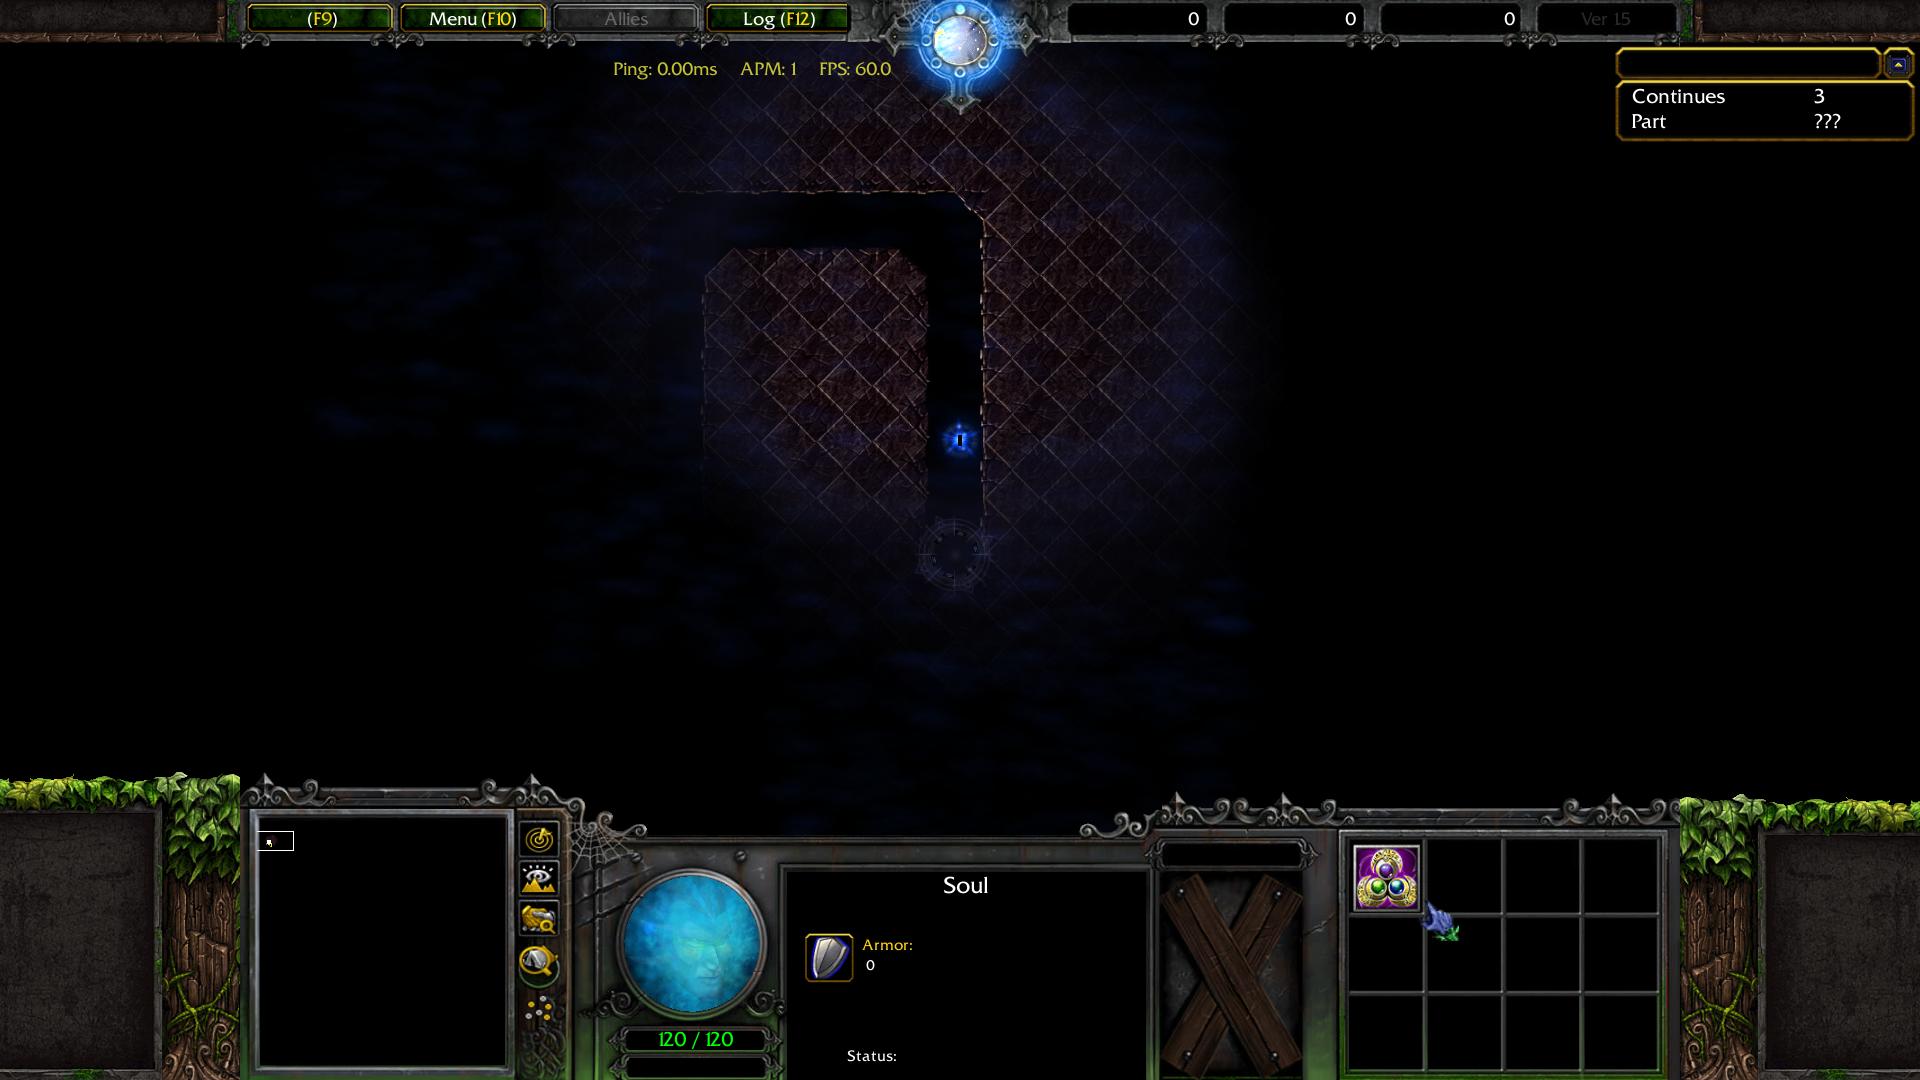 Fate of Death Warcraft 3 mod